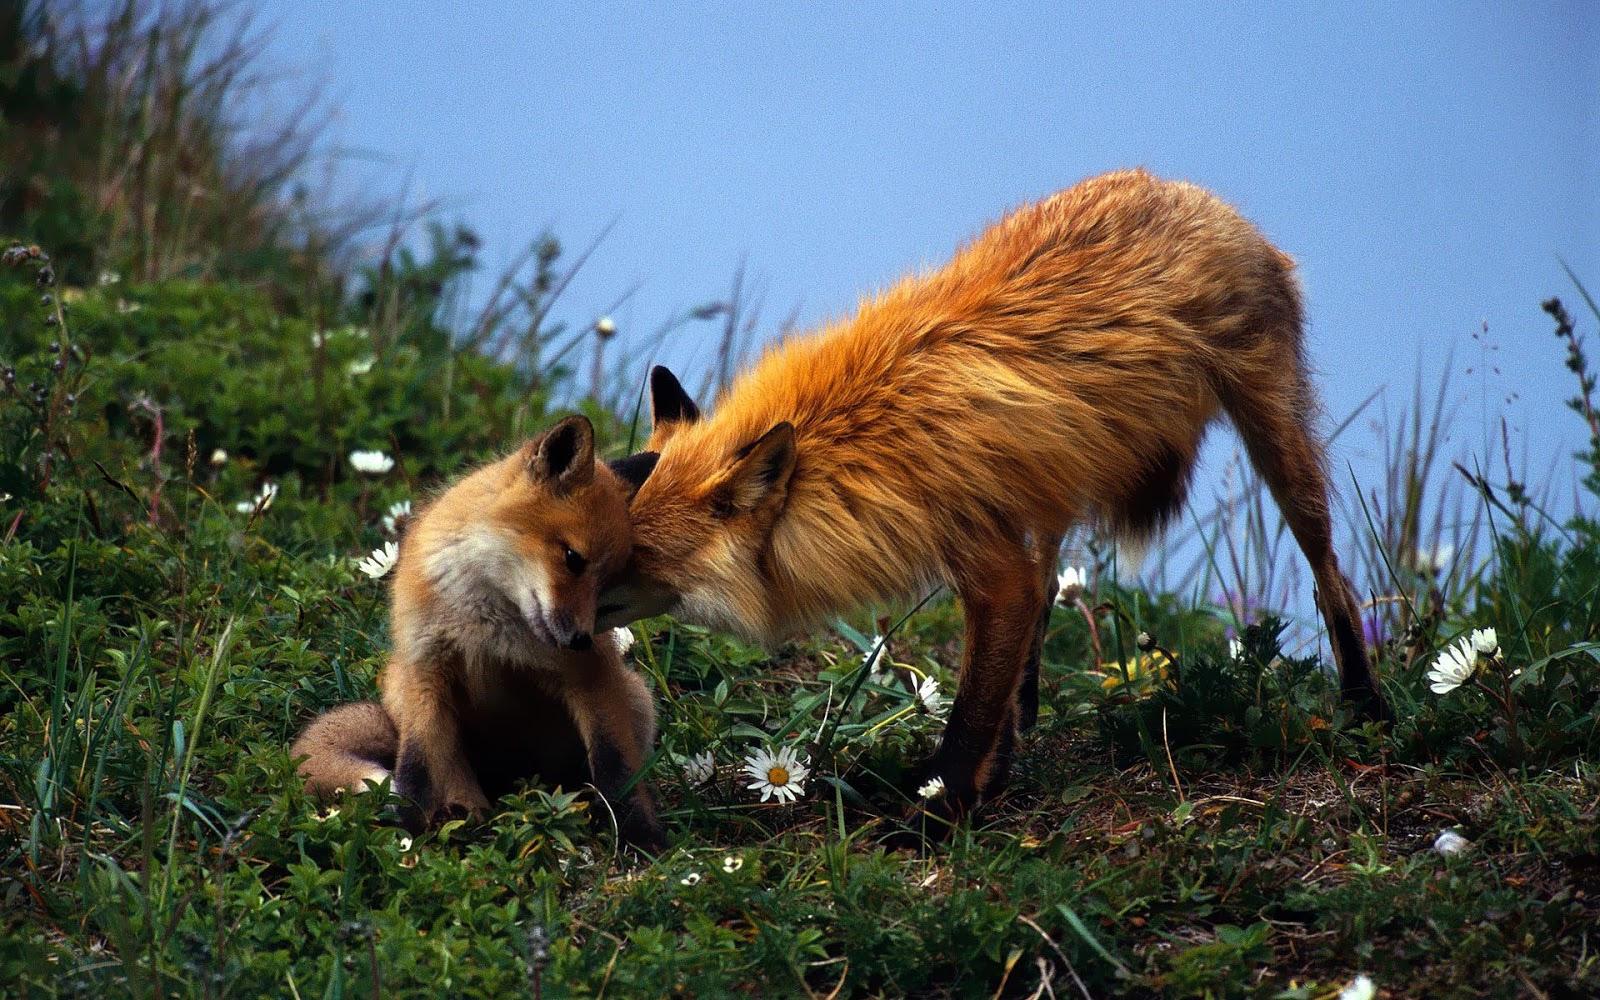 http://1.bp.blogspot.com/-tRMP_mBY5ms/UNWH6_mFGII/AAAAAAAAJec/Dexth6KpIRY/s1600/wallpaper-of-two-cuddling-red-foxes-hd-animals-wallpapers.jpg